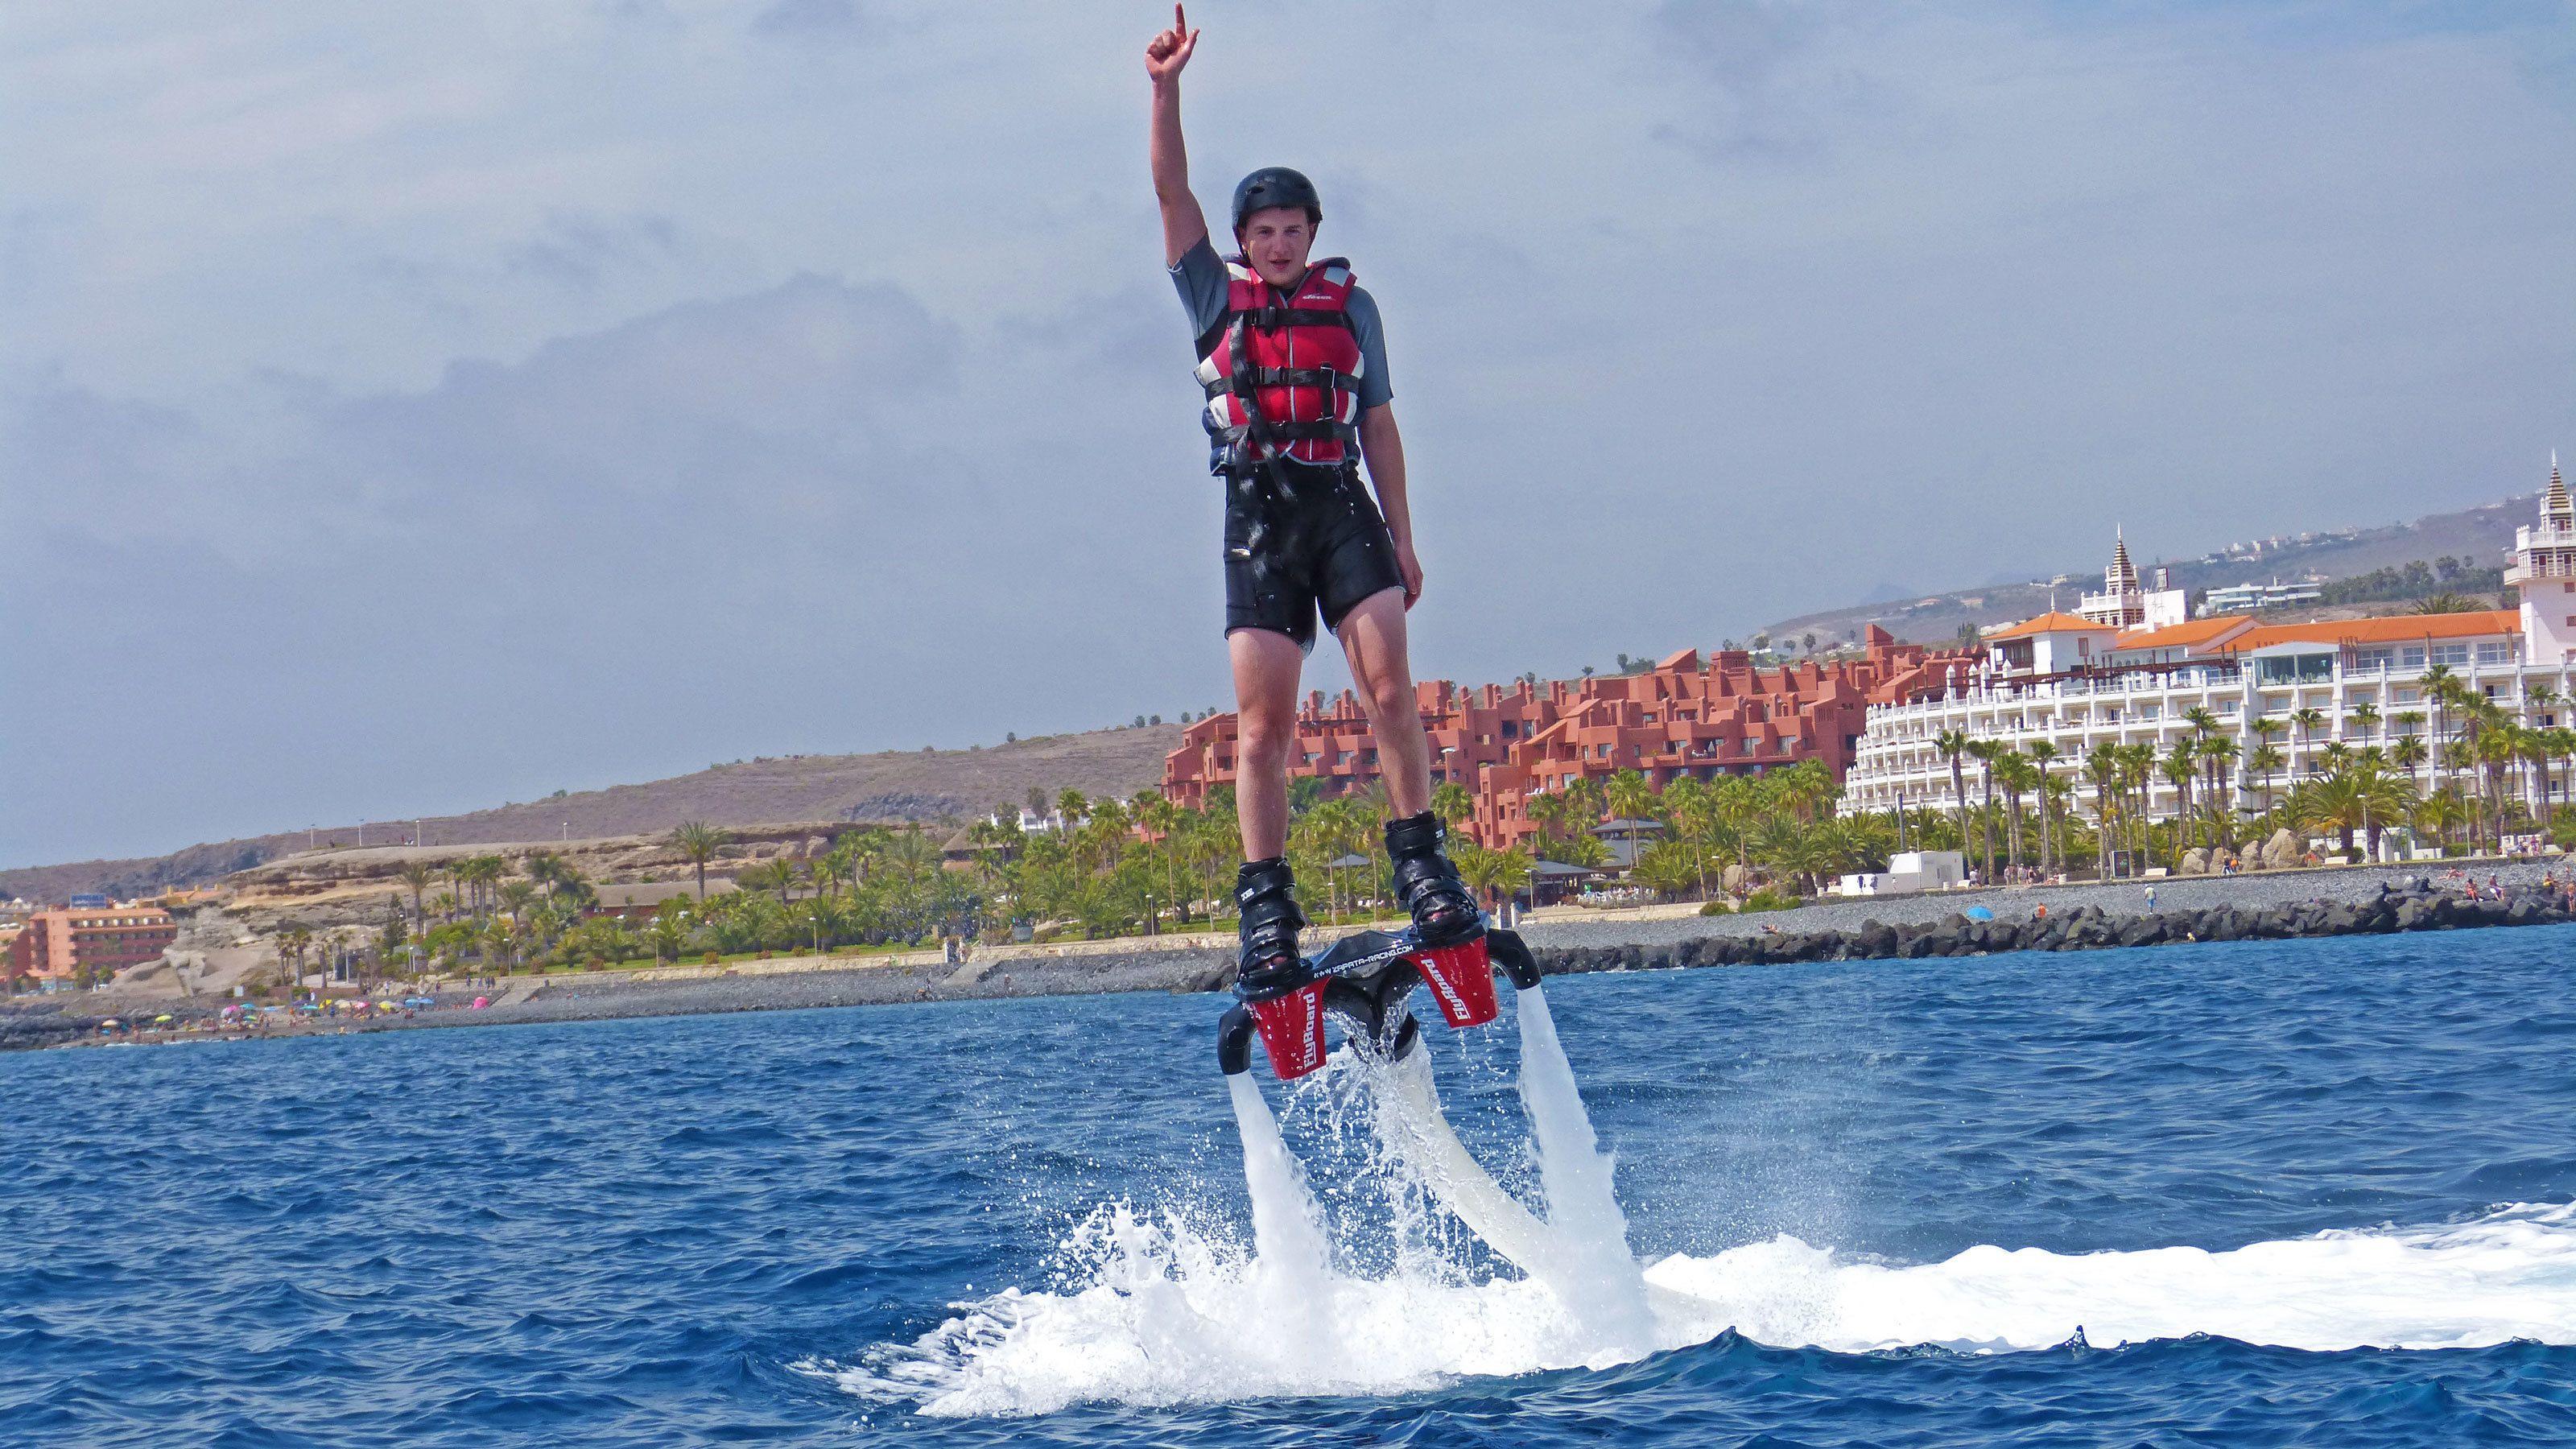 Experiencia combinada de flyboard y moto acuática